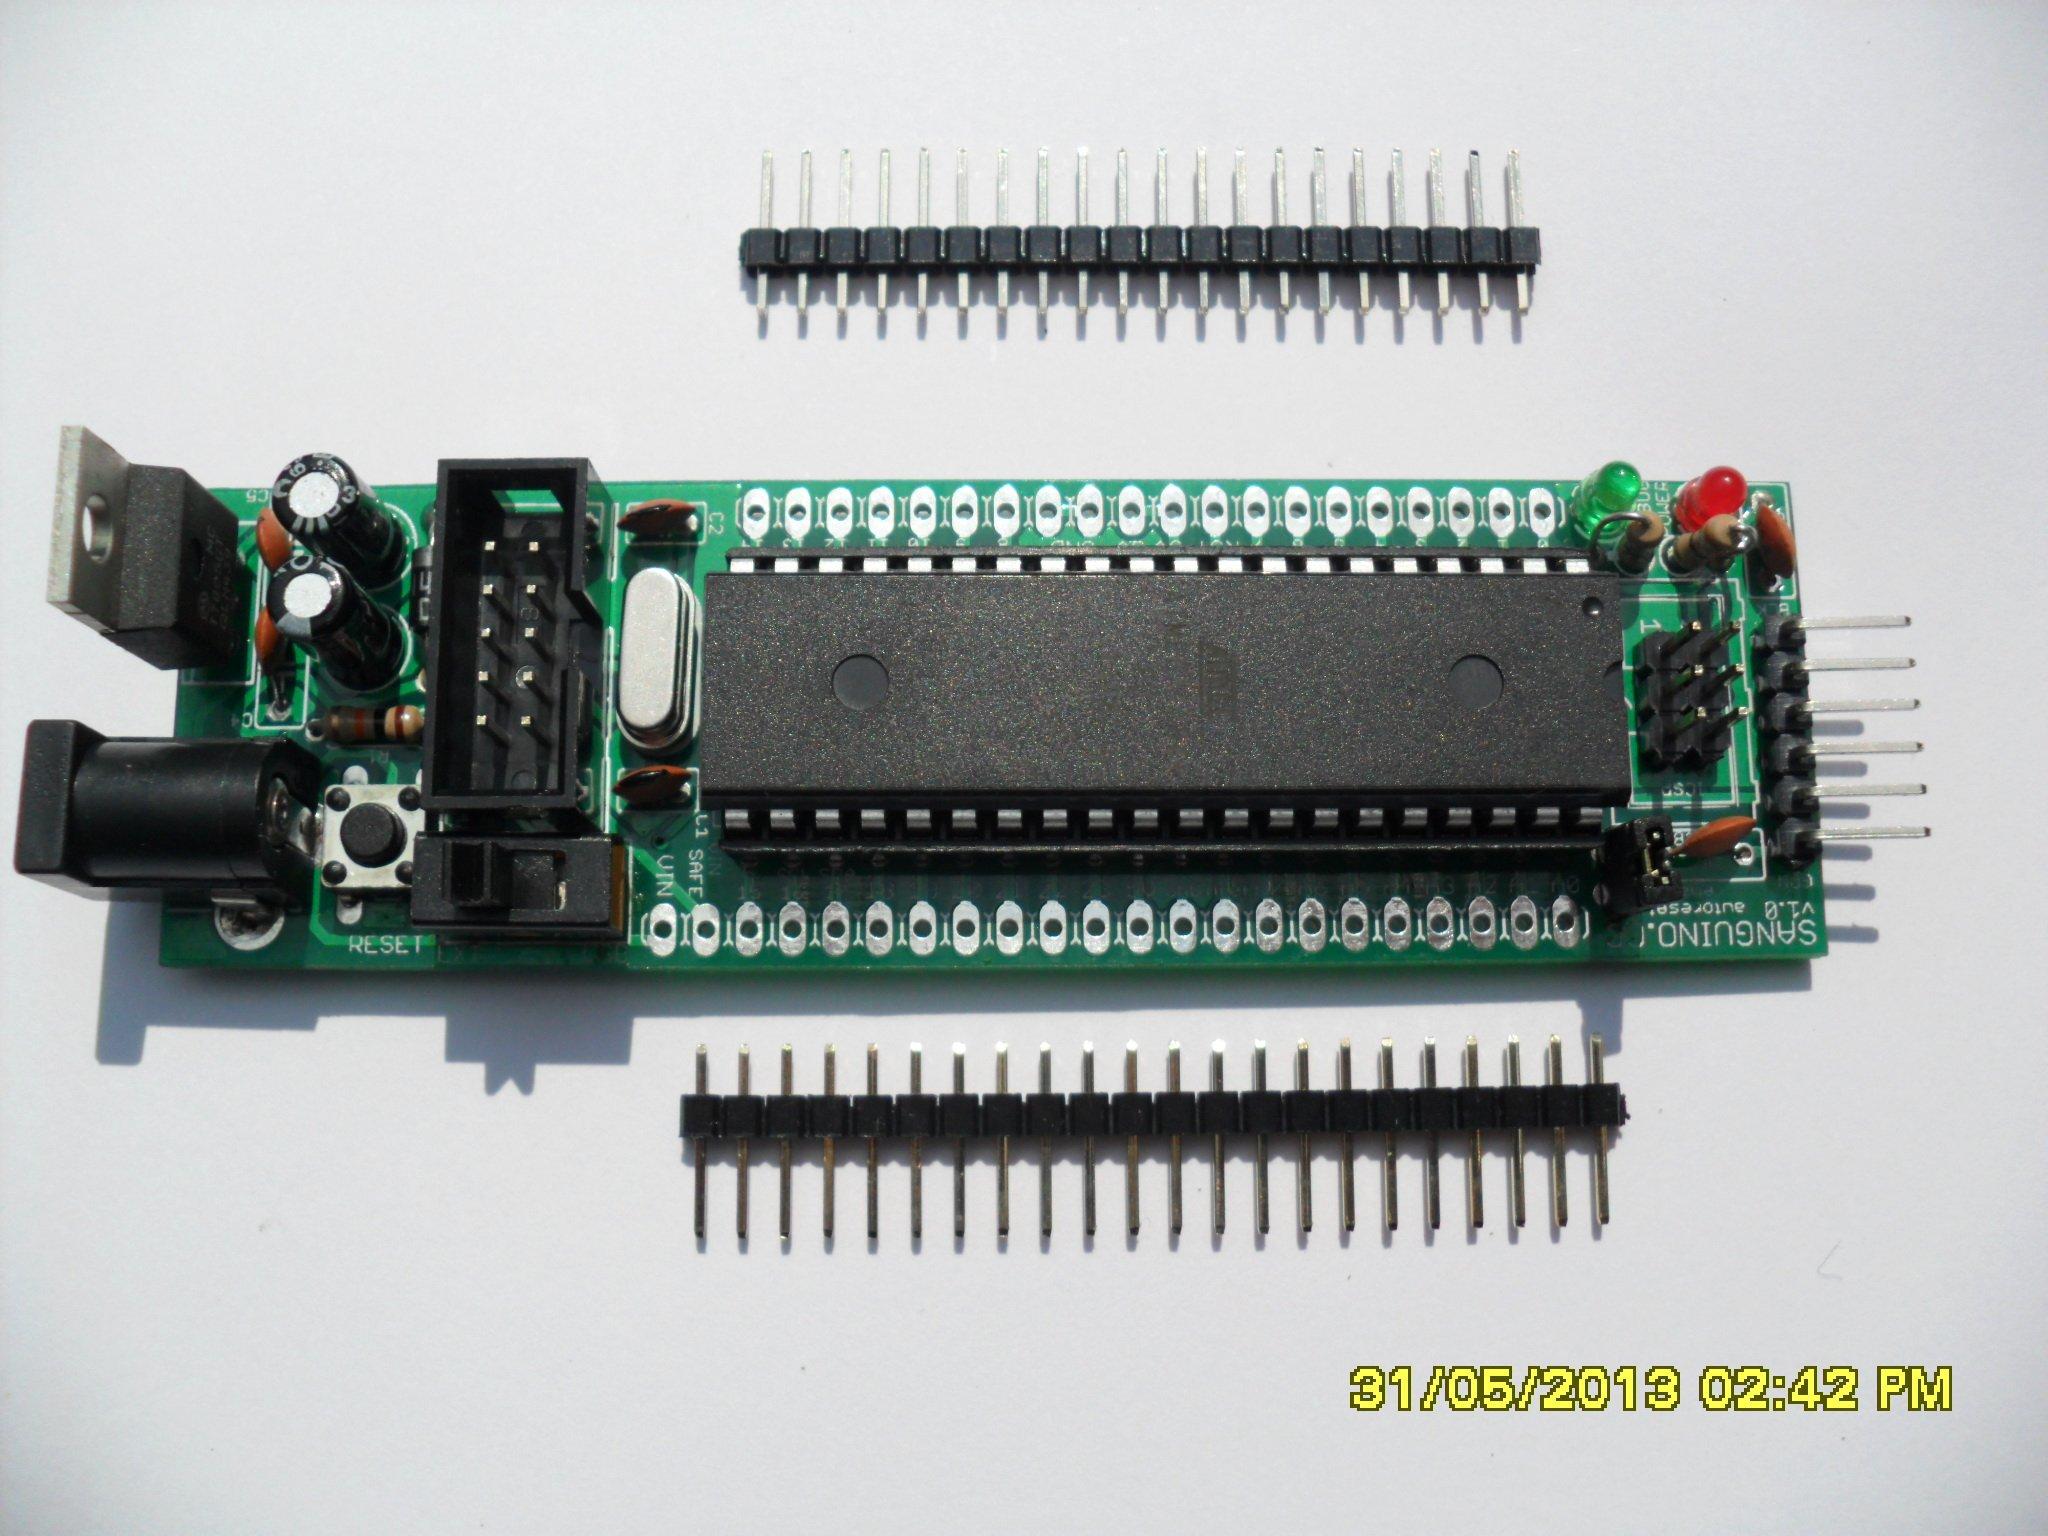 GitHub - Lauszus/Sanguino: Sanguino add-on for the Arduino